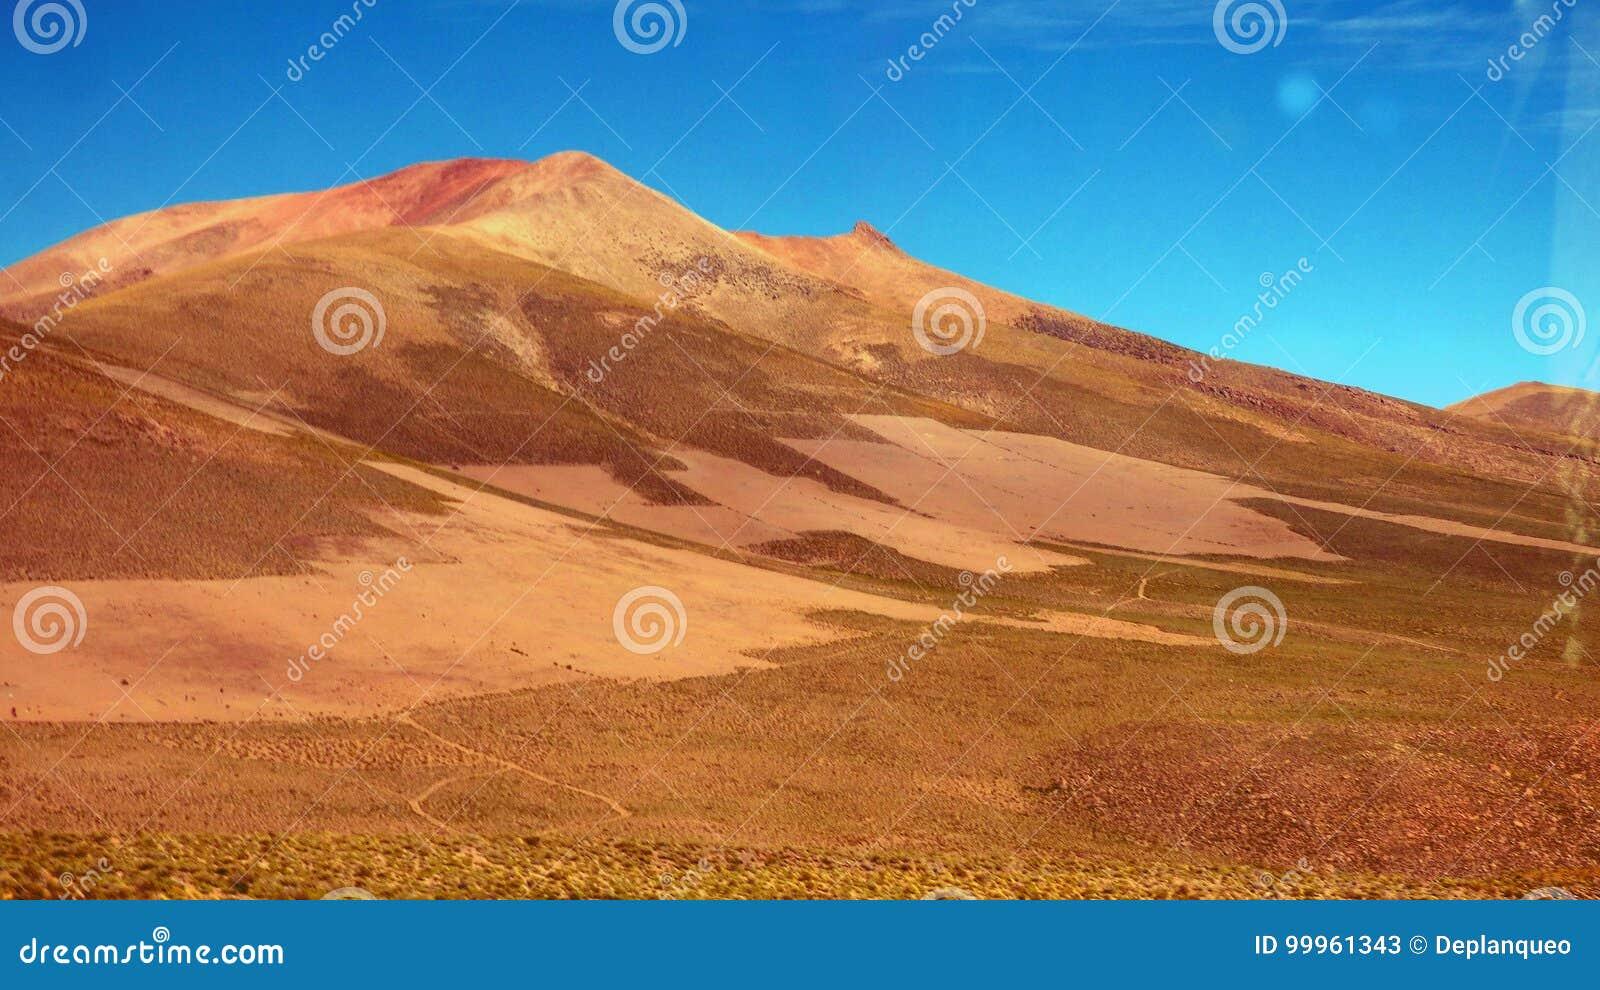 Deserto de Dali em Altiplano Bolívia, Ámérica do Sul